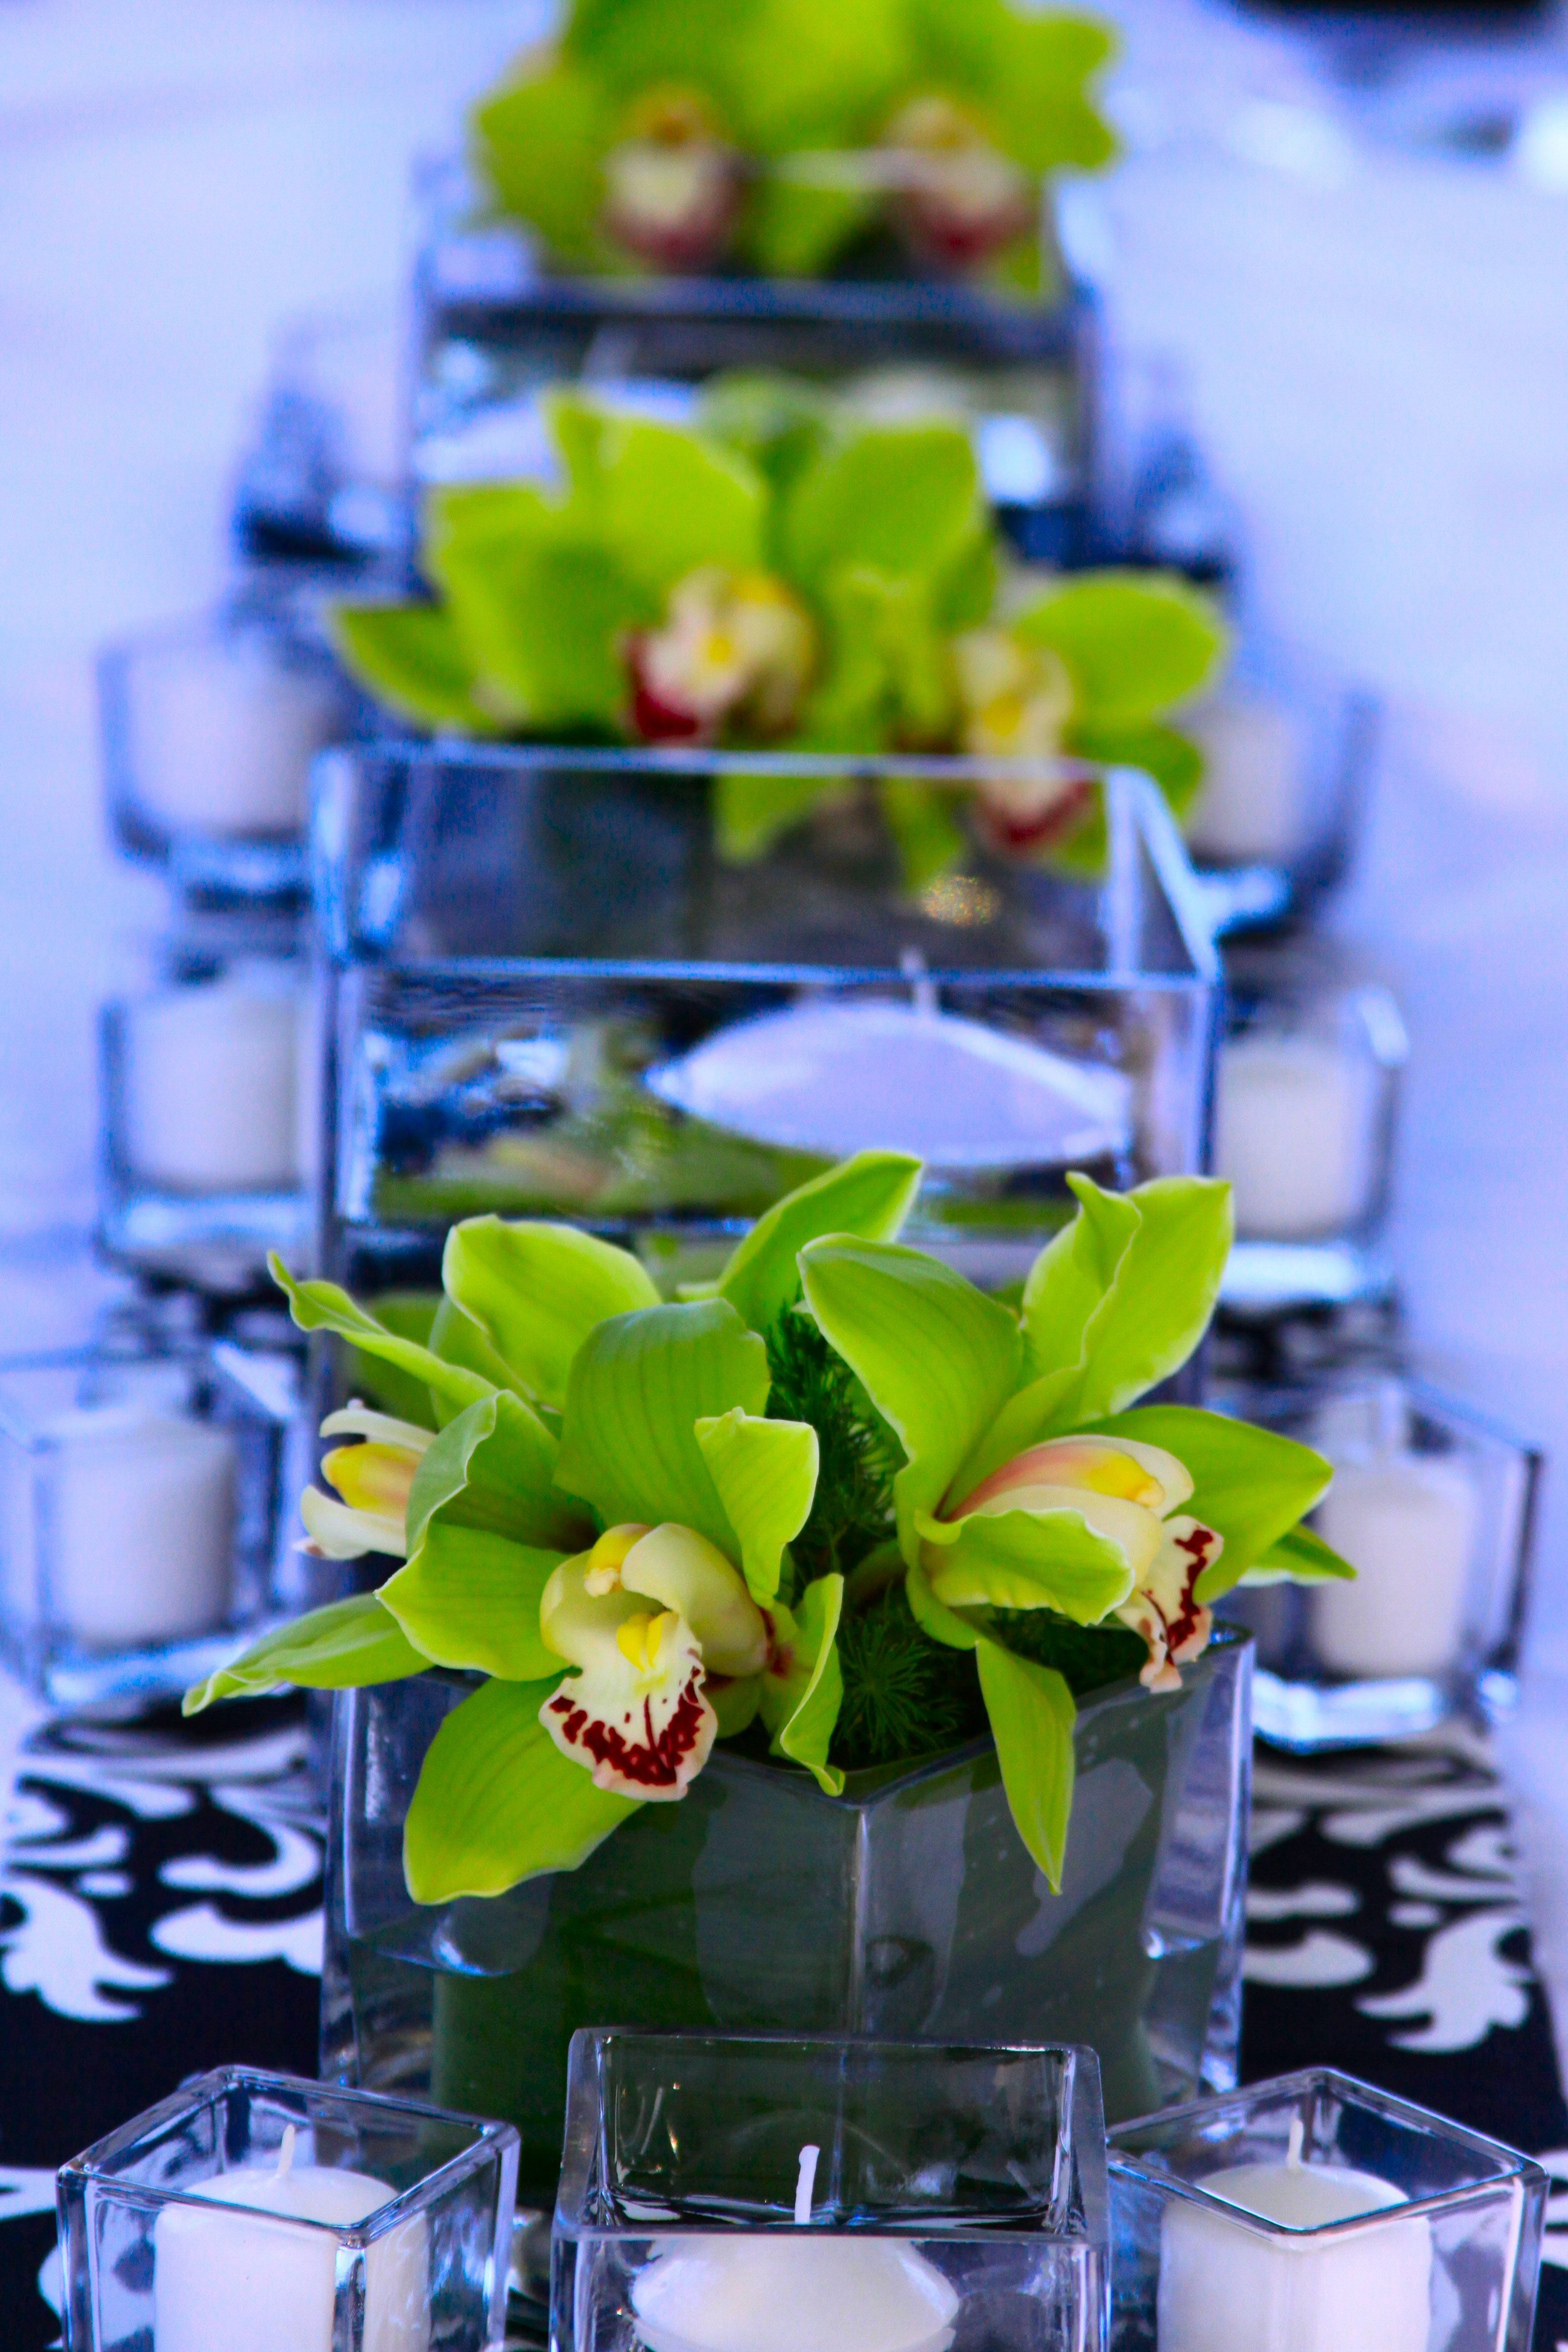 Centerpiece Green Cymbidium Orchids.jpg